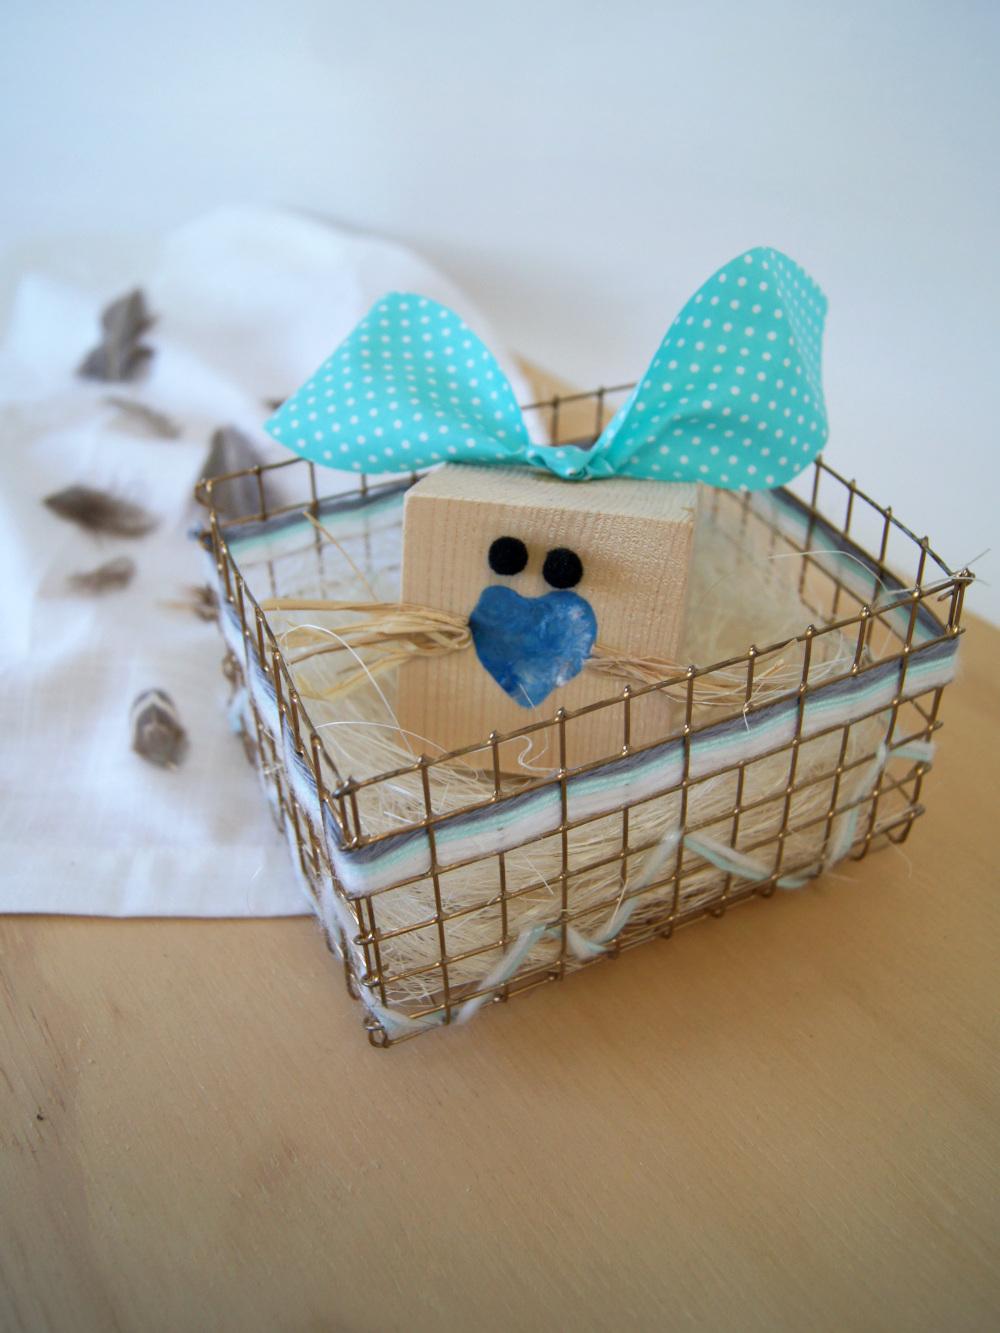 Bastelanleitung für einen Osterkorb aus Draht | #basteln und #DIY für #ostern | von Fantasiewerk